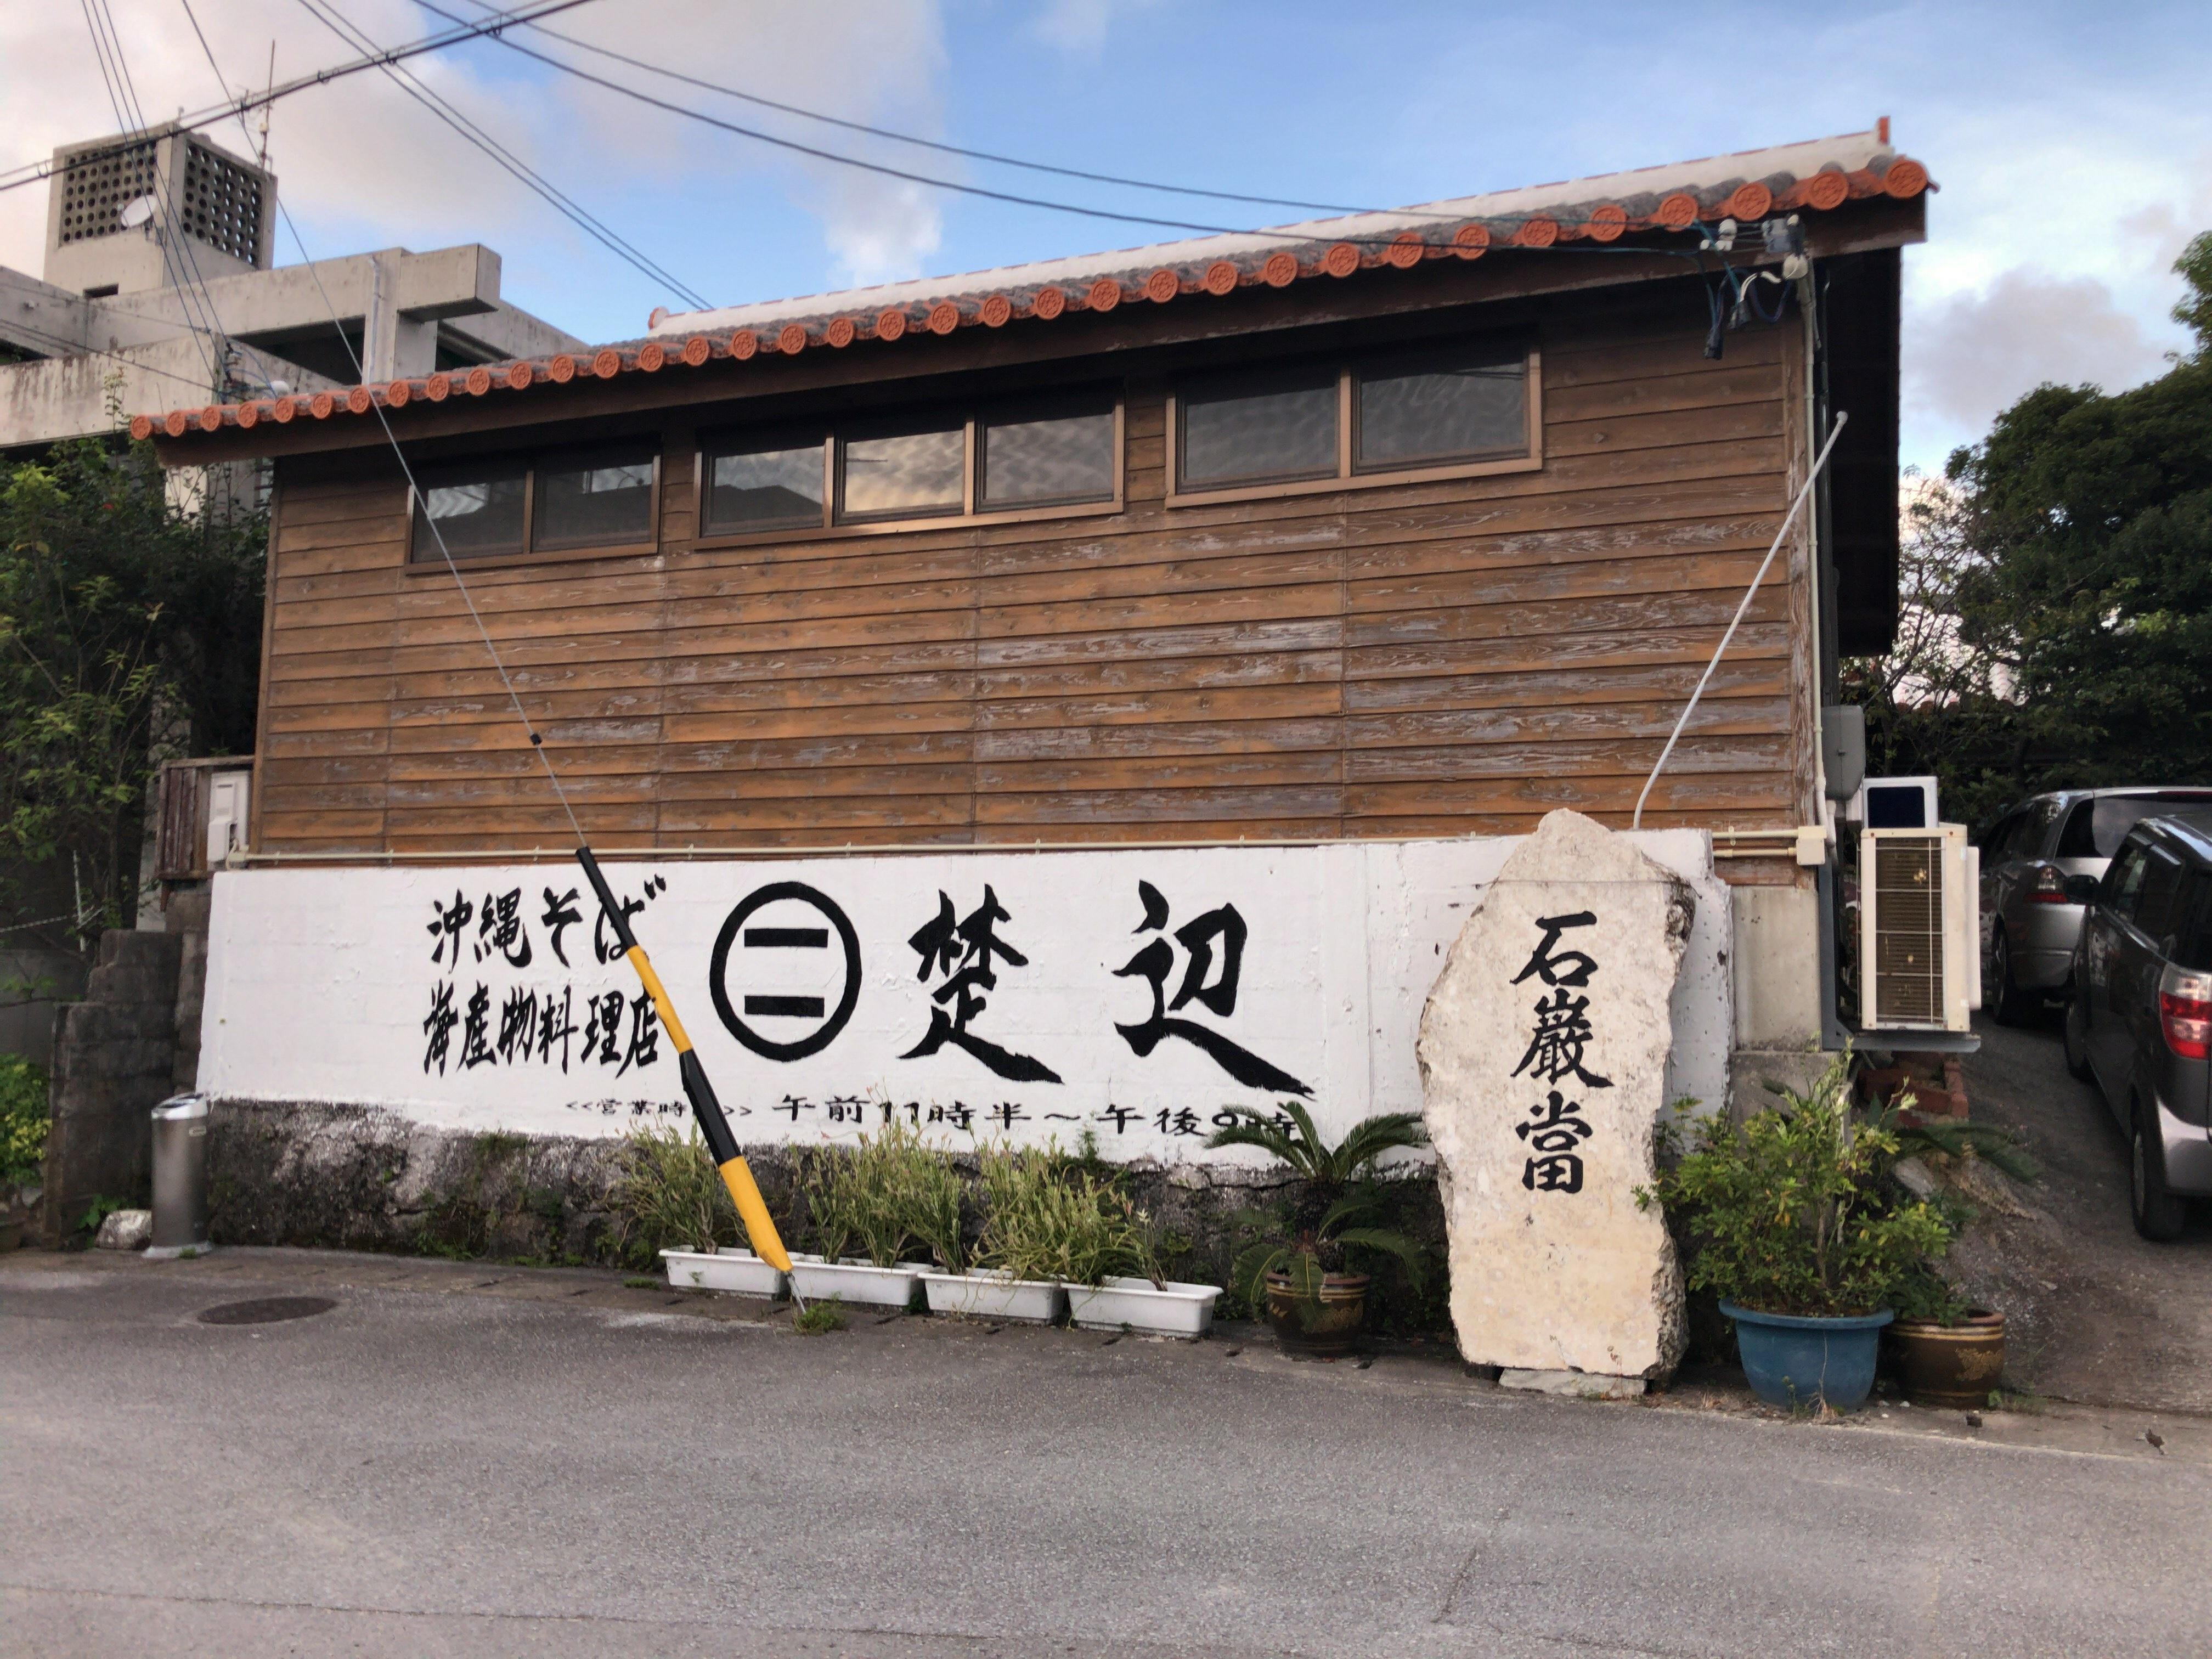 那覇市『沖縄そば 海産物料理 楚辺(そべ)』雰囲気が良くてメニュー豊富な店